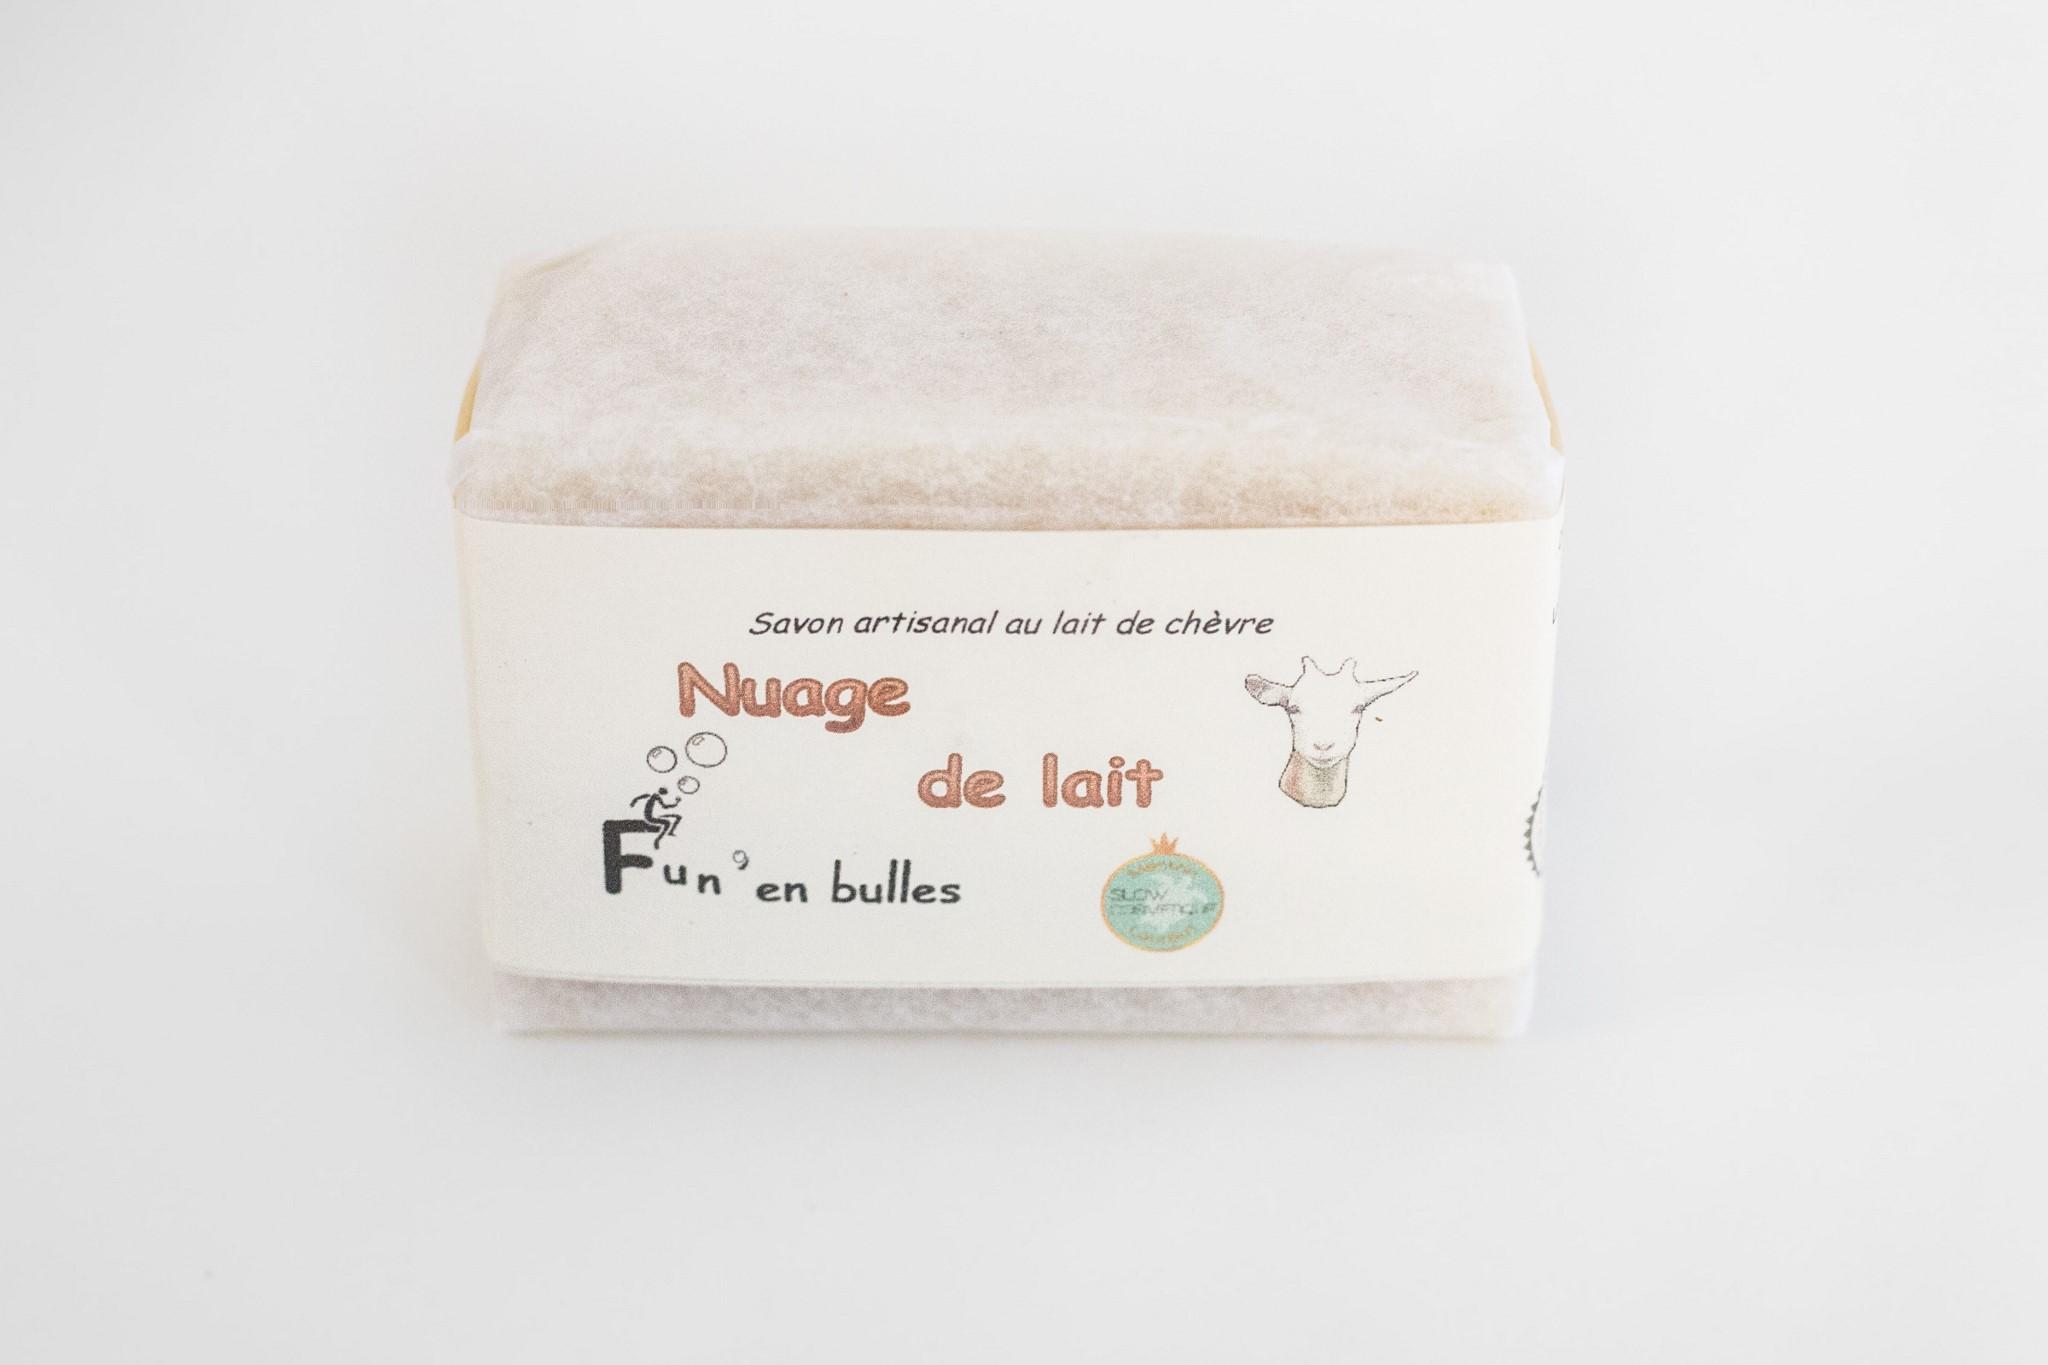 nuage-de-lait-savon-2